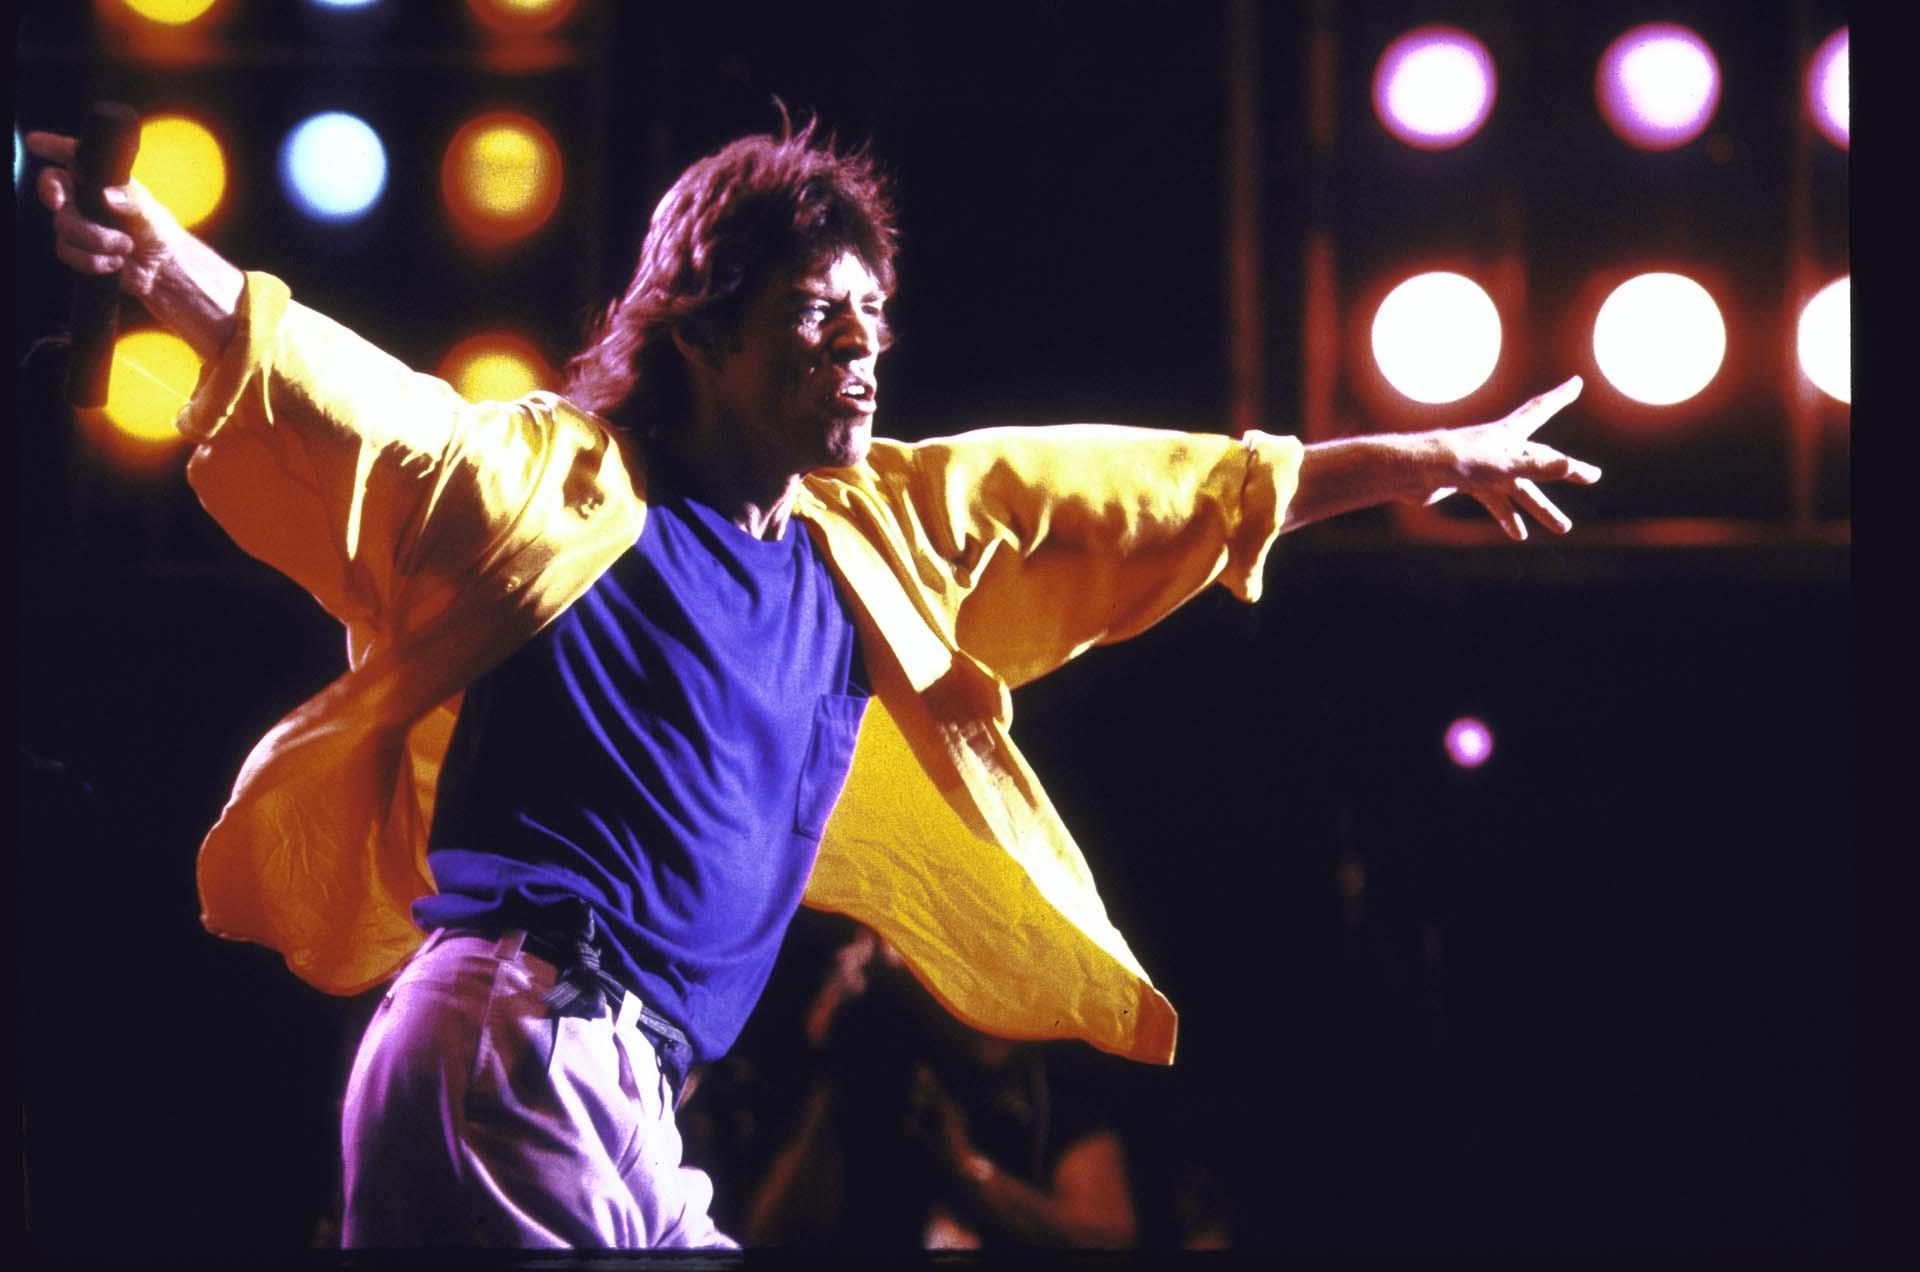 Mick Jagger en el concierto deLive Aid,el 13 de julio de 1985